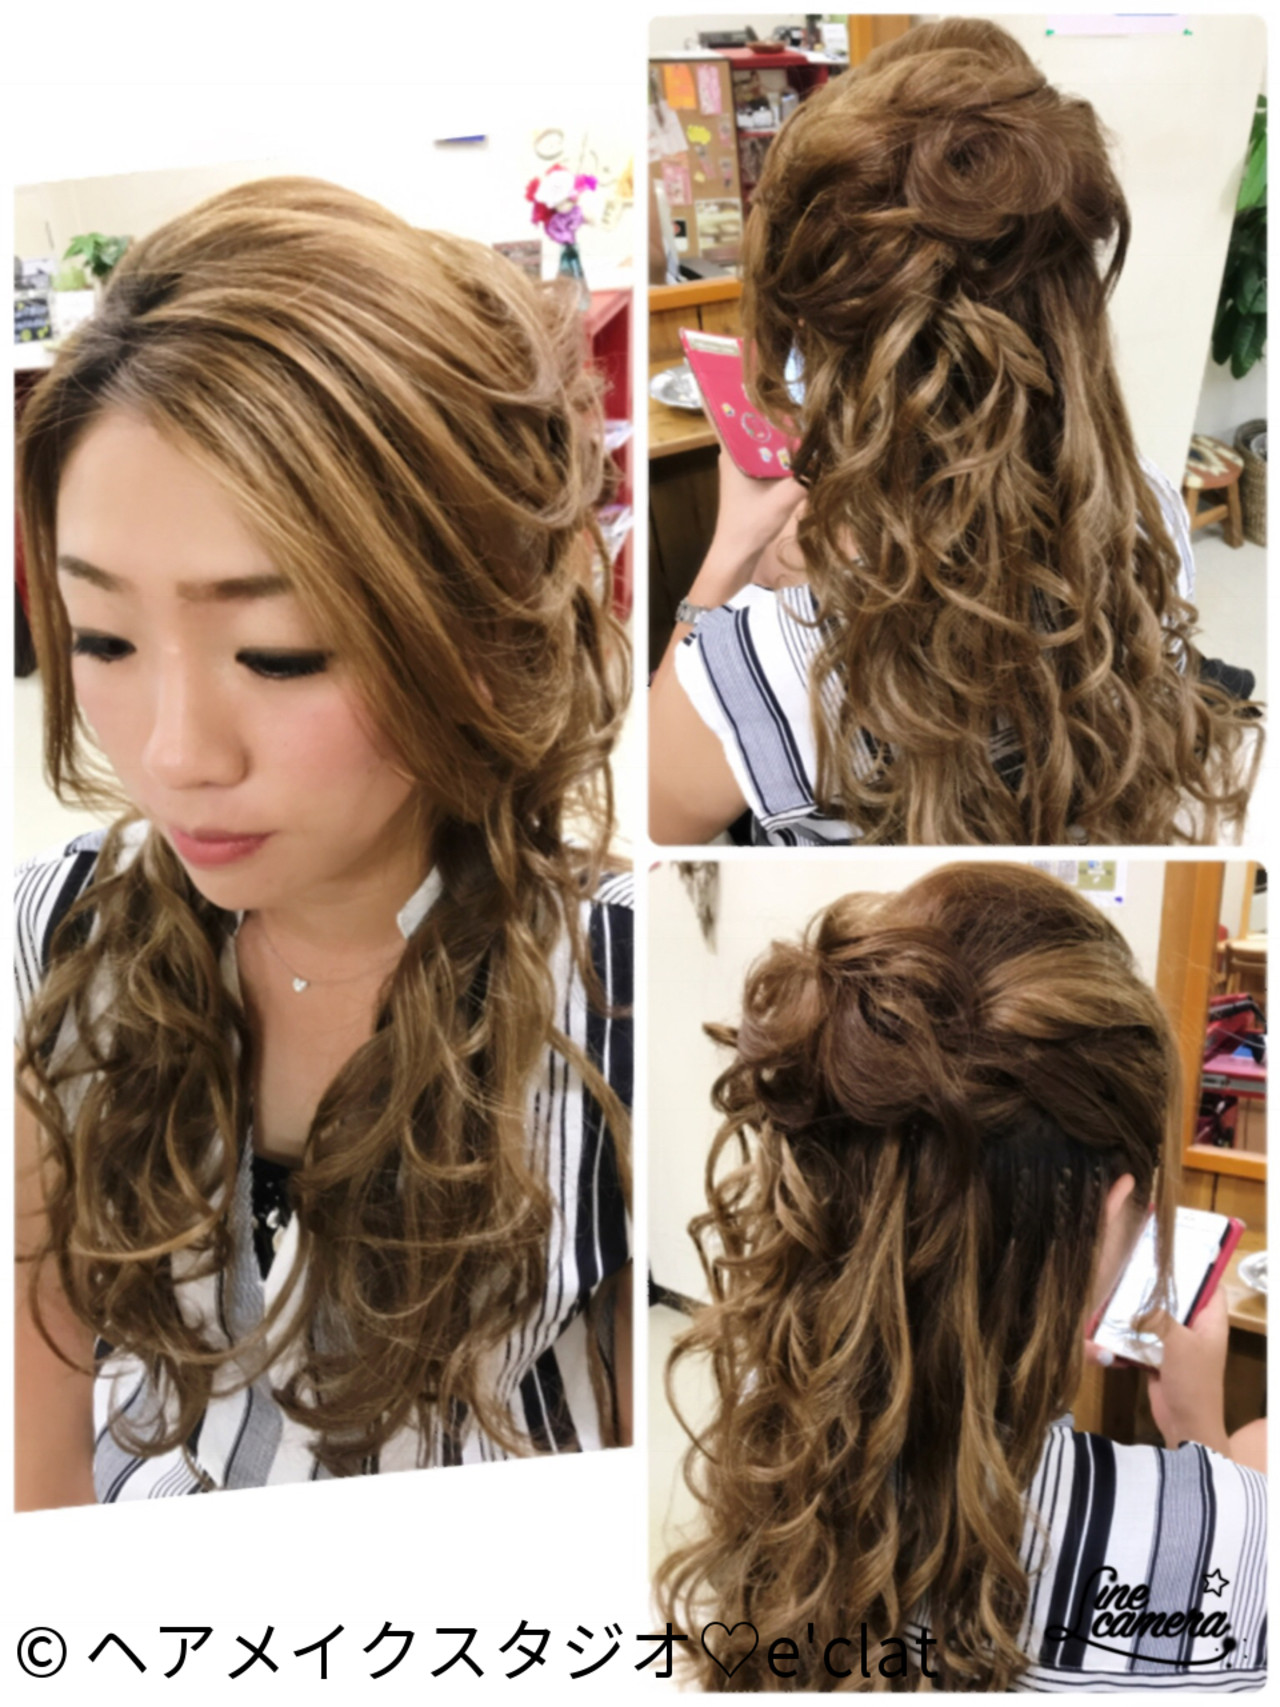 上品 エレガント 結婚式 ハーフアップ ヘアスタイルや髪型の写真・画像 | ヘアメイクスタジオ♡e'clat / ヘアメイクスタジオ♡e'clat